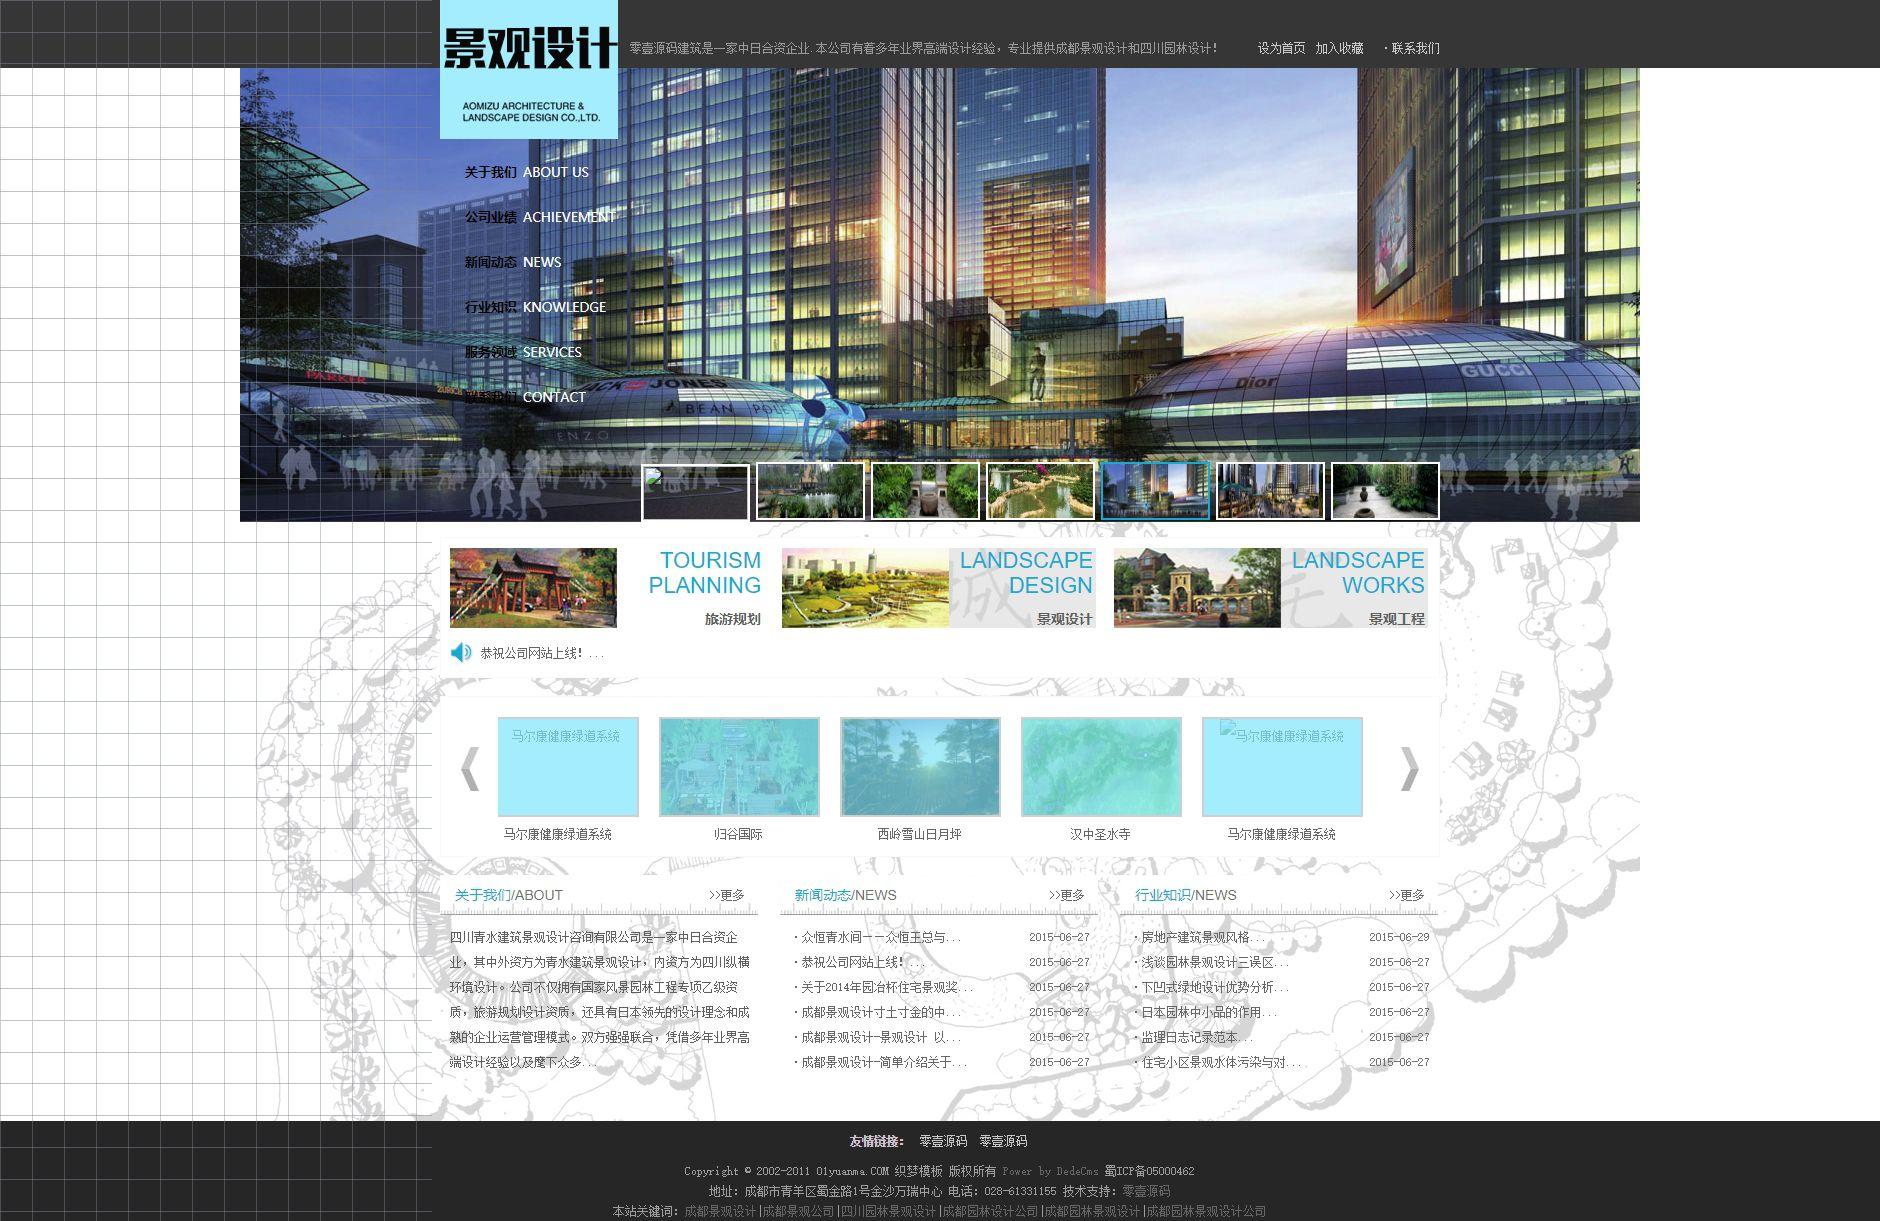 大气景观设计环保类企业织梦dedecms模板